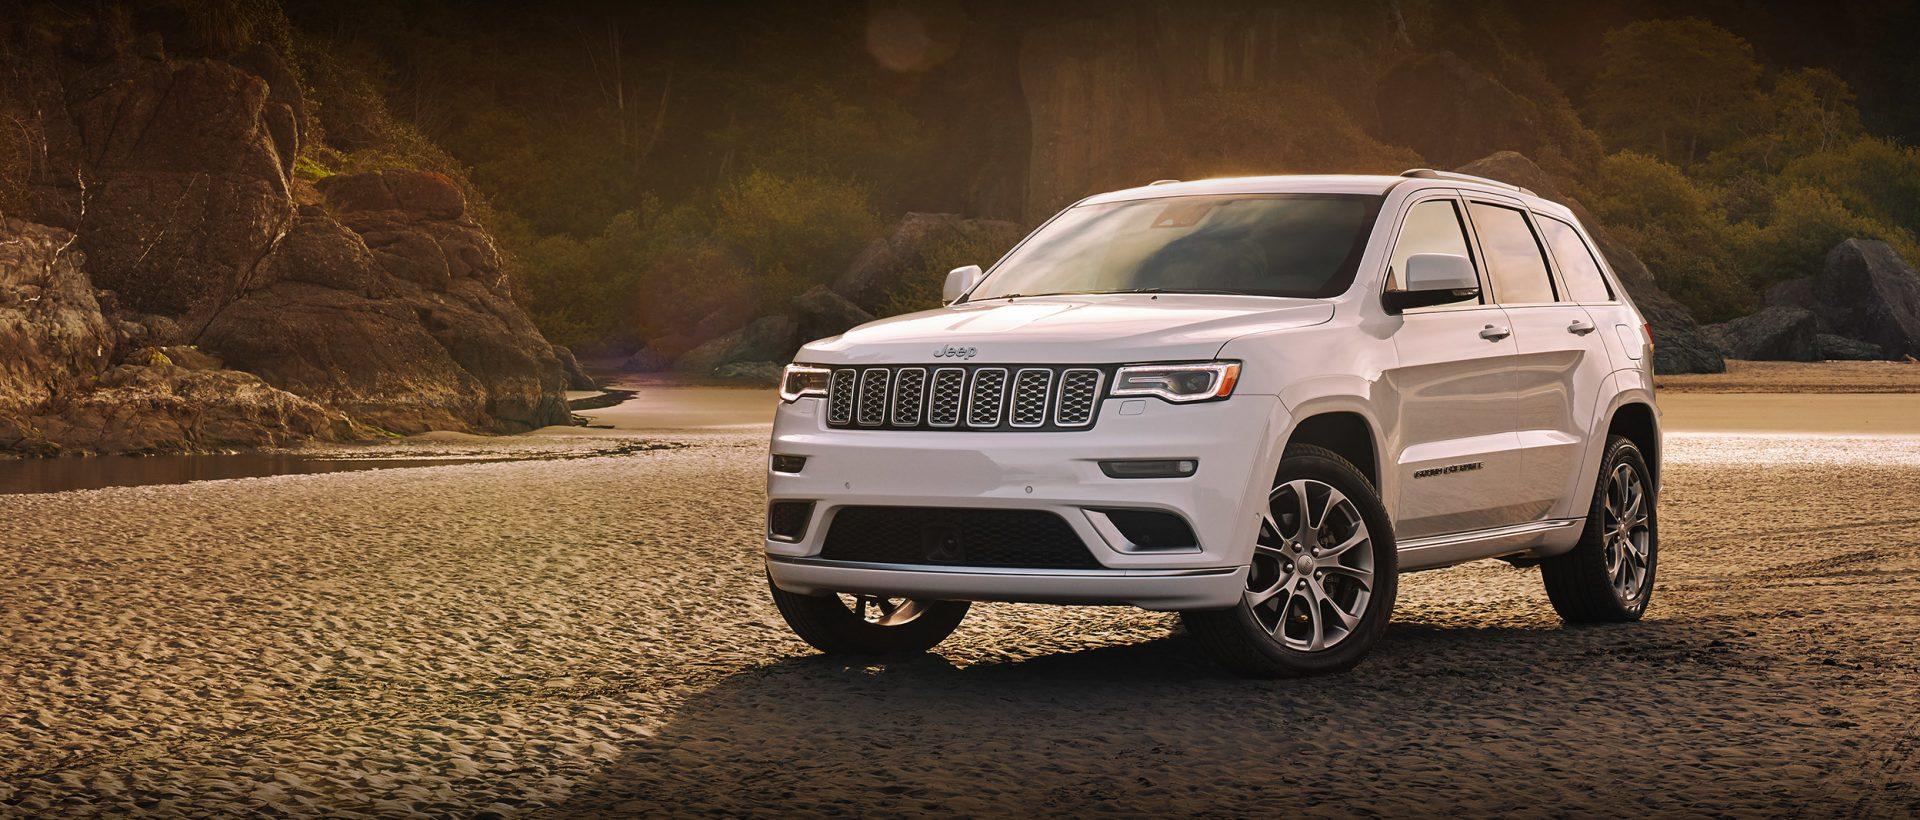 Jeep e Suzuki vendem modelos que quebram as regras de emissões europeias